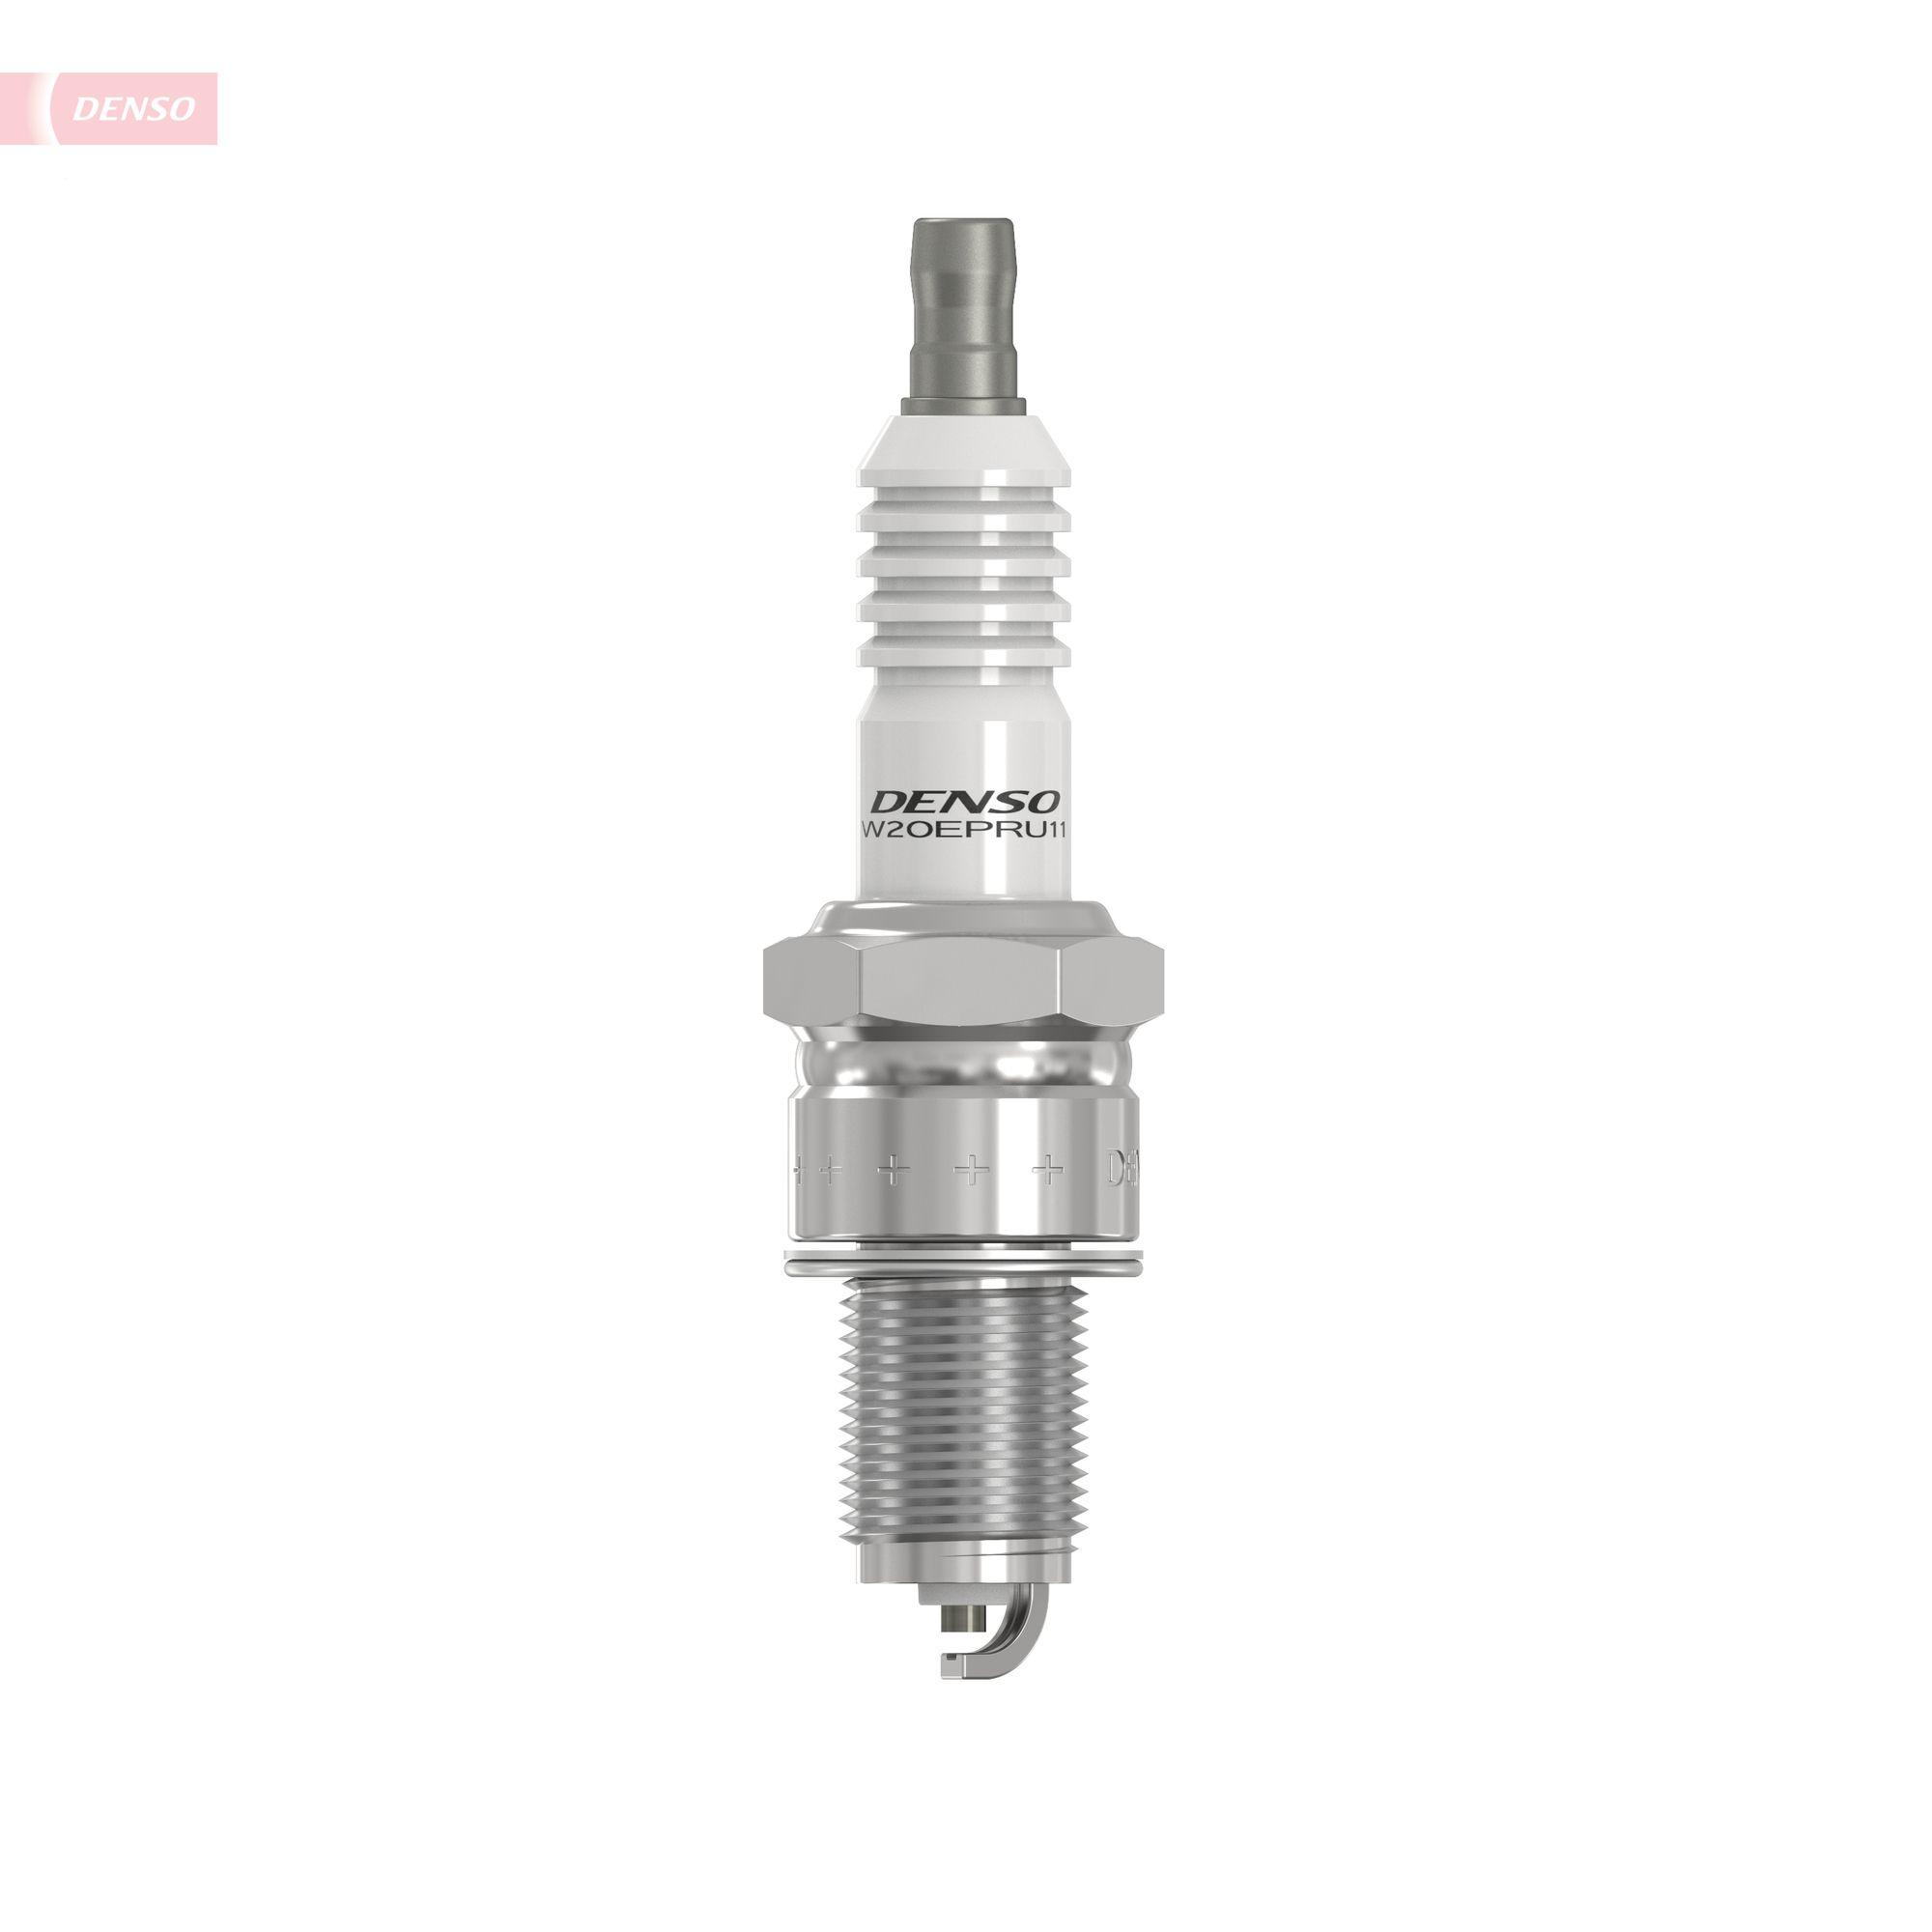 Zündkerzen DENSO W20EPR-U11